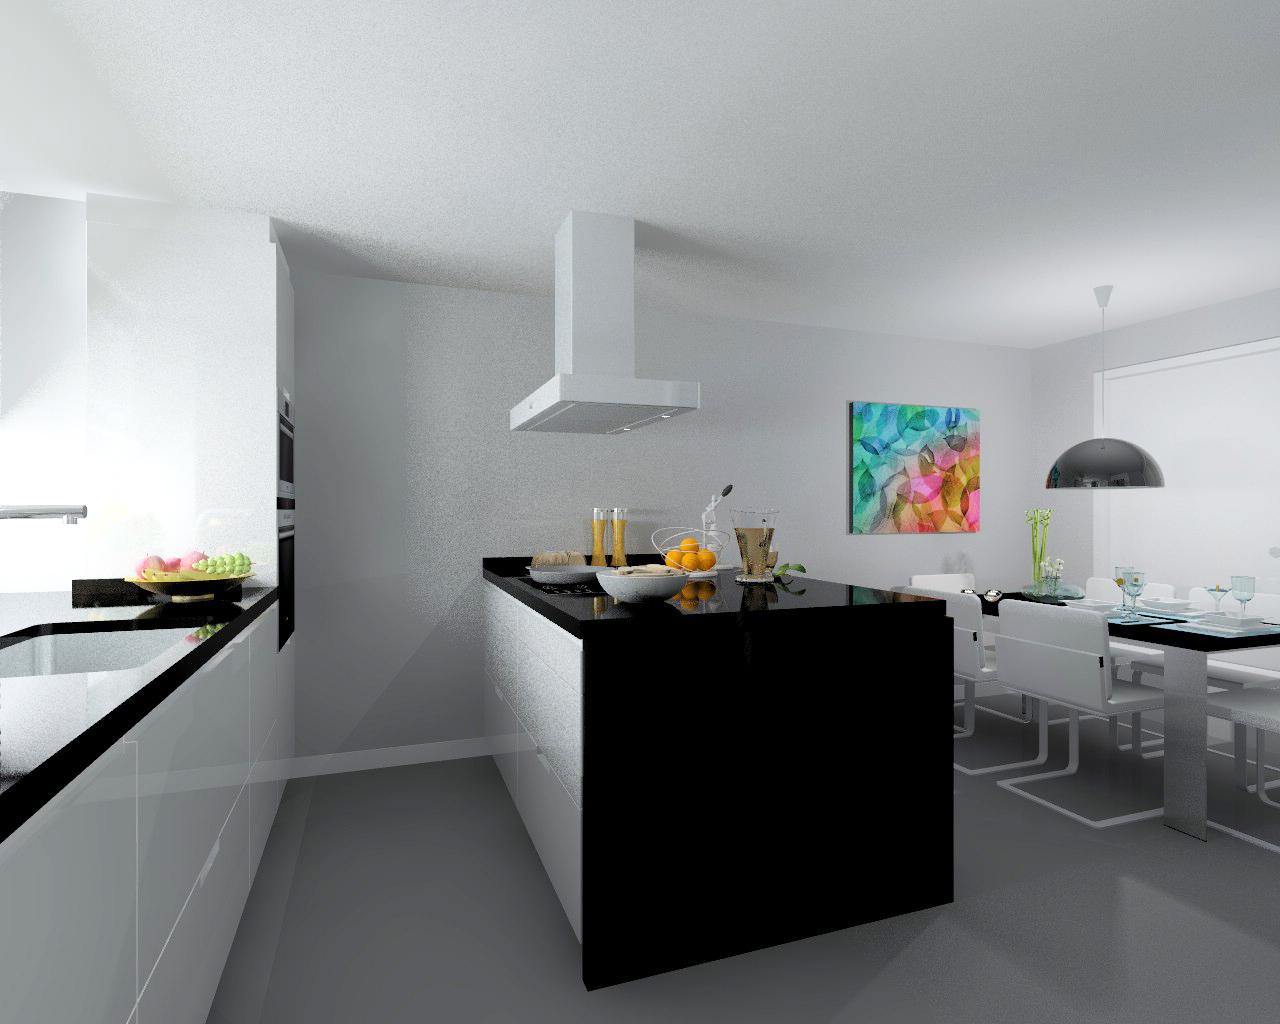 Madrid cocina santos modelo minos encimera granito for Encimera auxiliar cocina